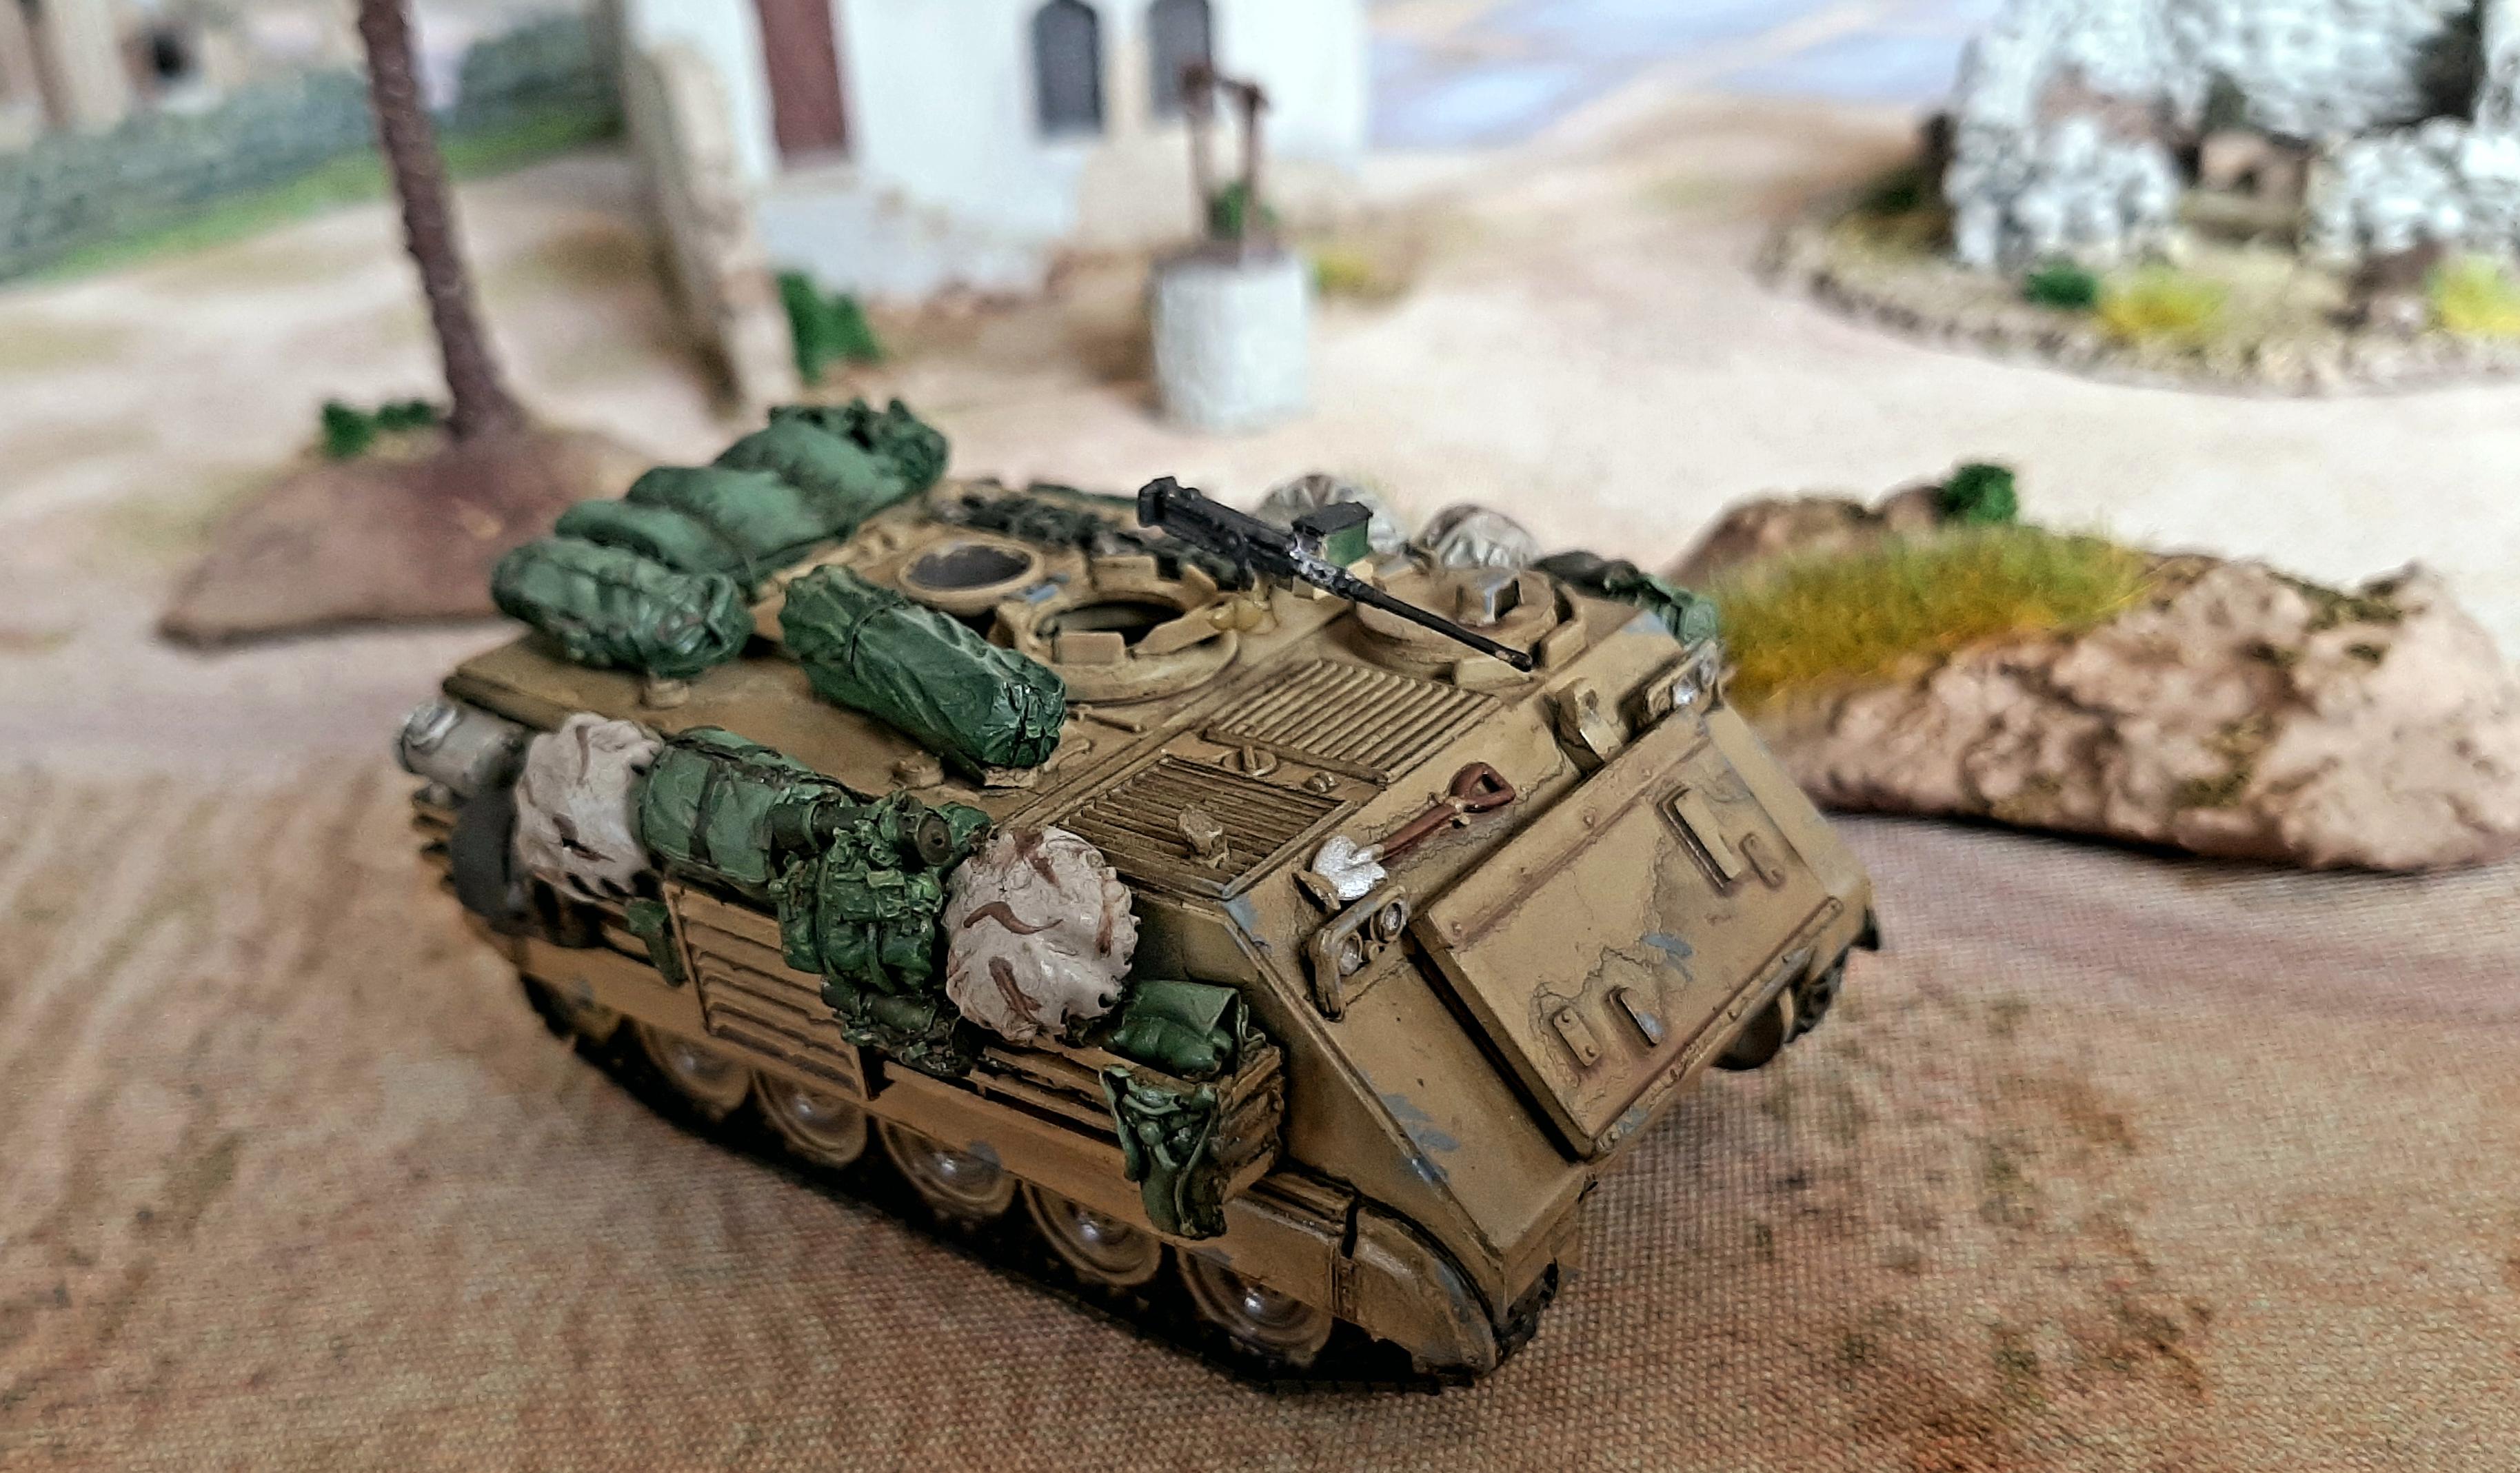 Diorama/Wargame Afghanistan 1/72 0N9w1RZ